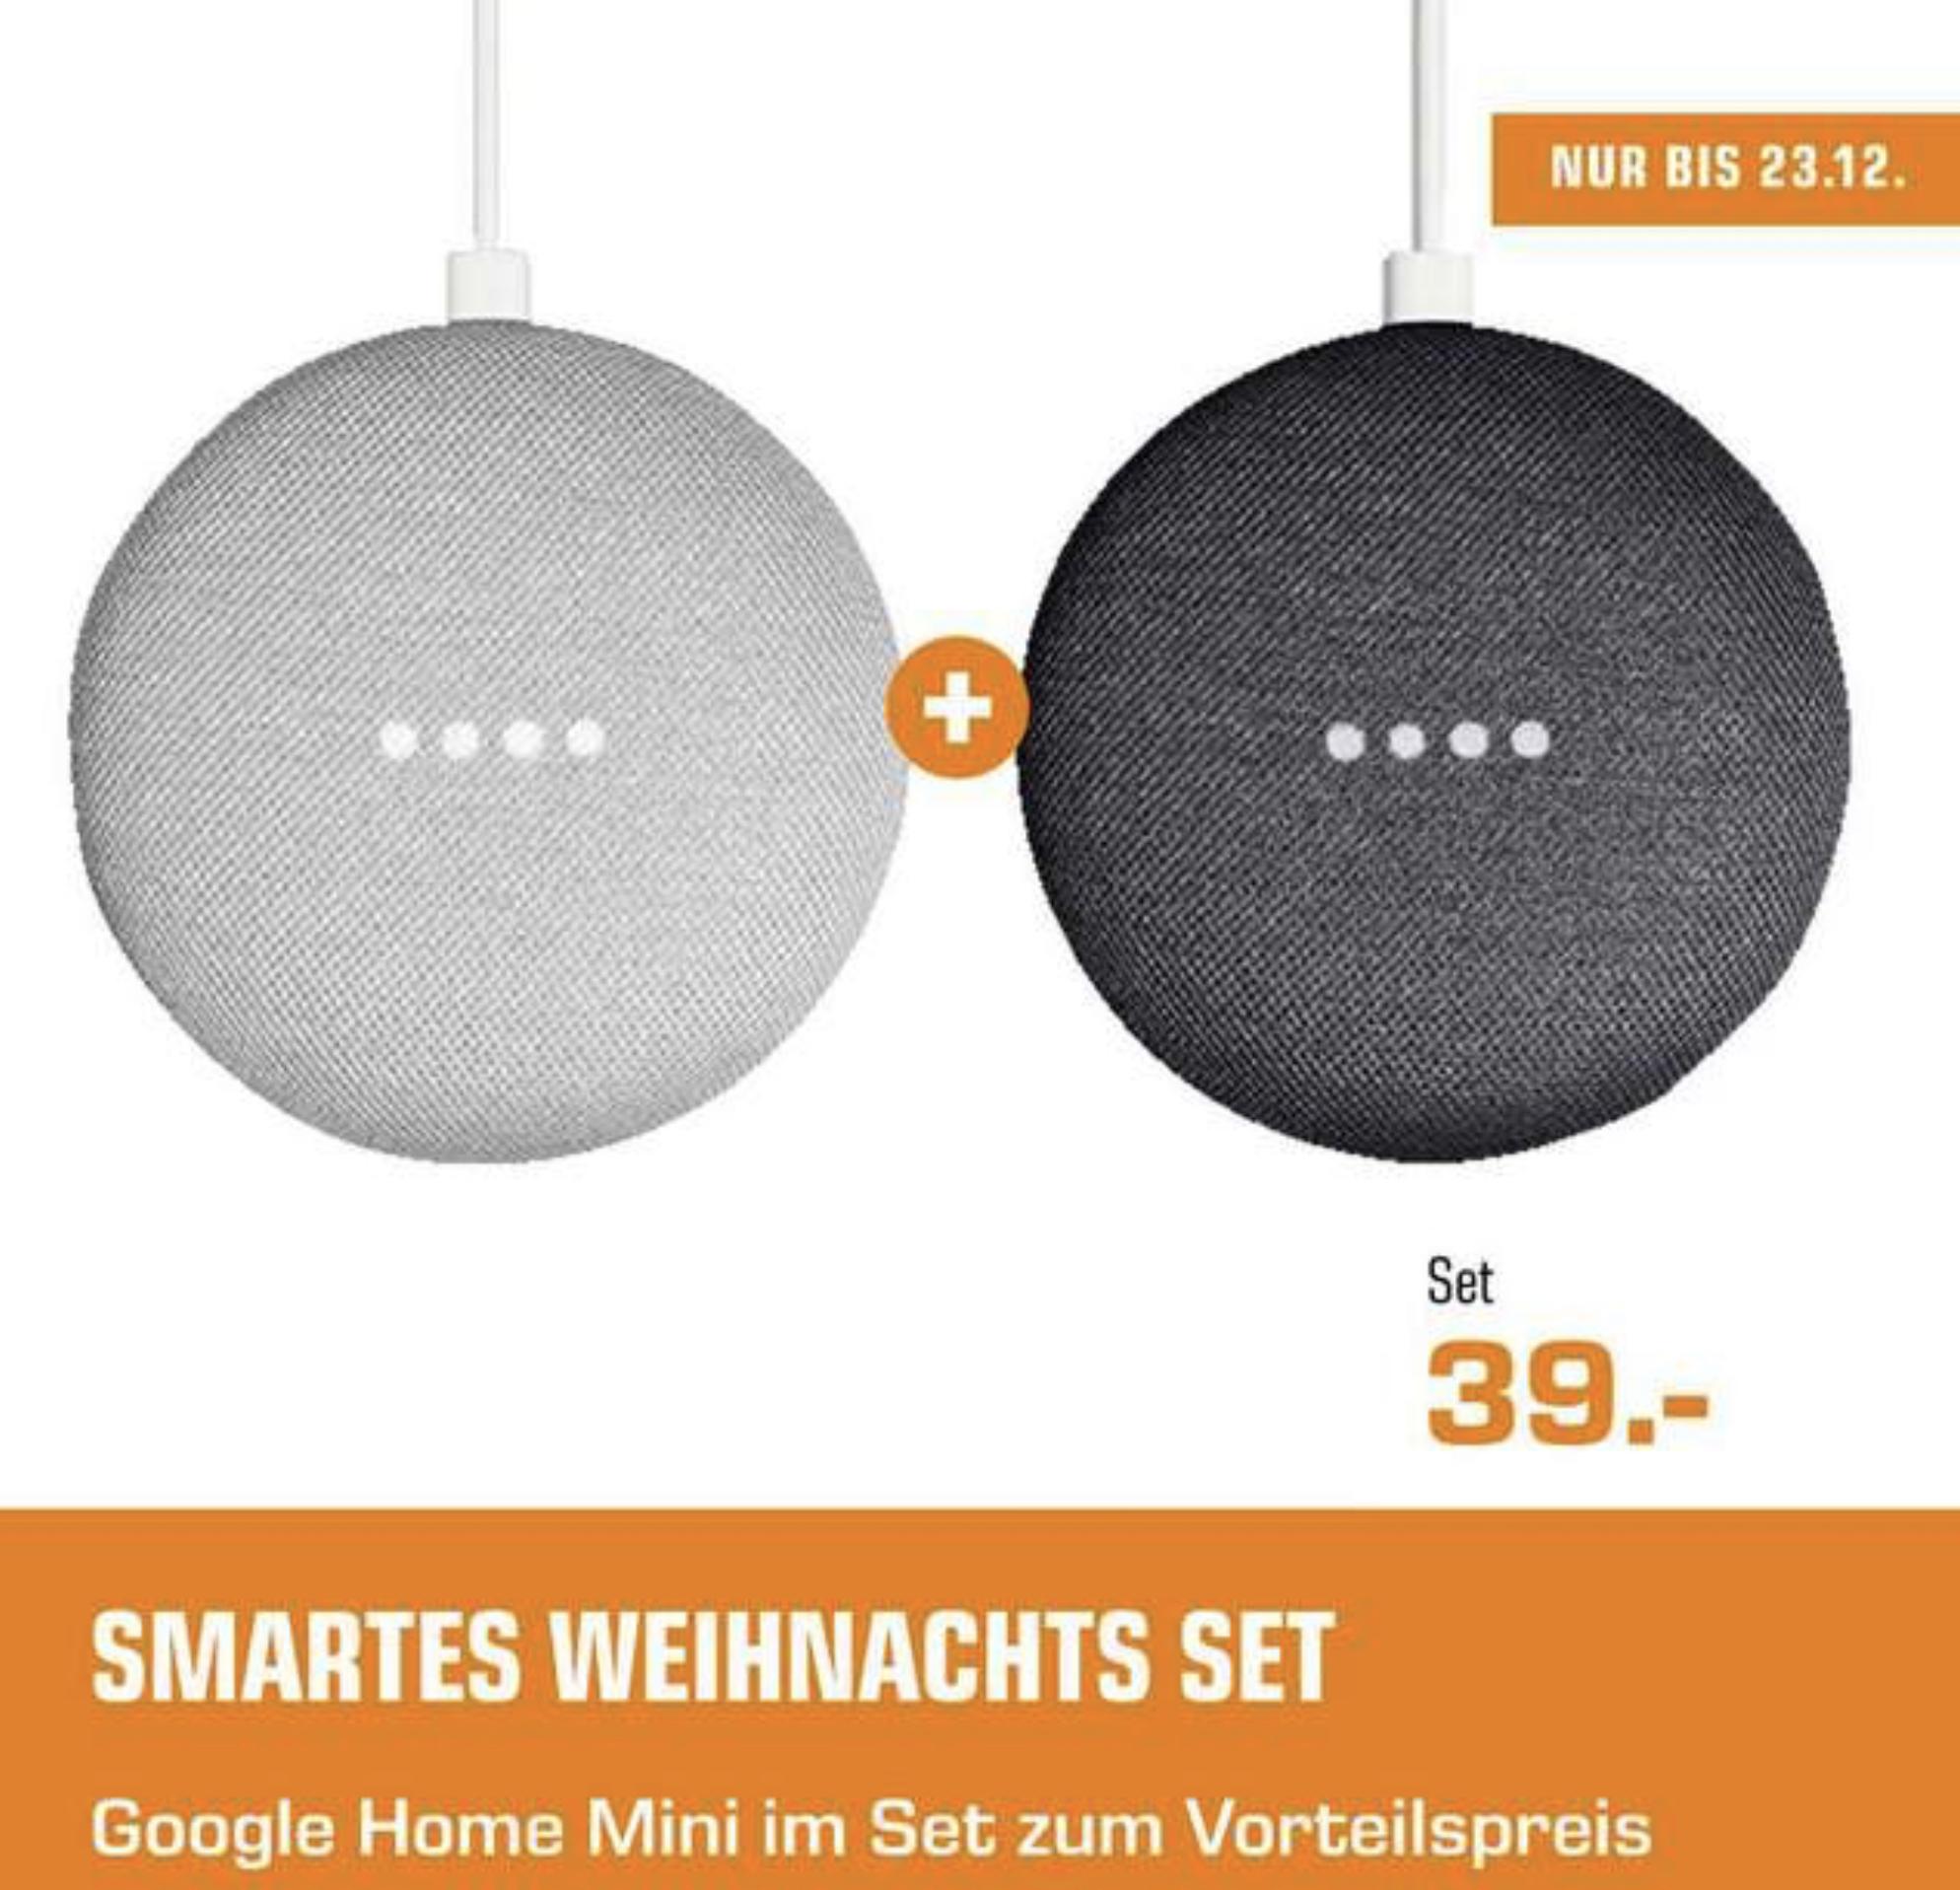 2 Stück Google Home mini für 39€ inkl. Versandkosten - [Saturn MediaMarkt]